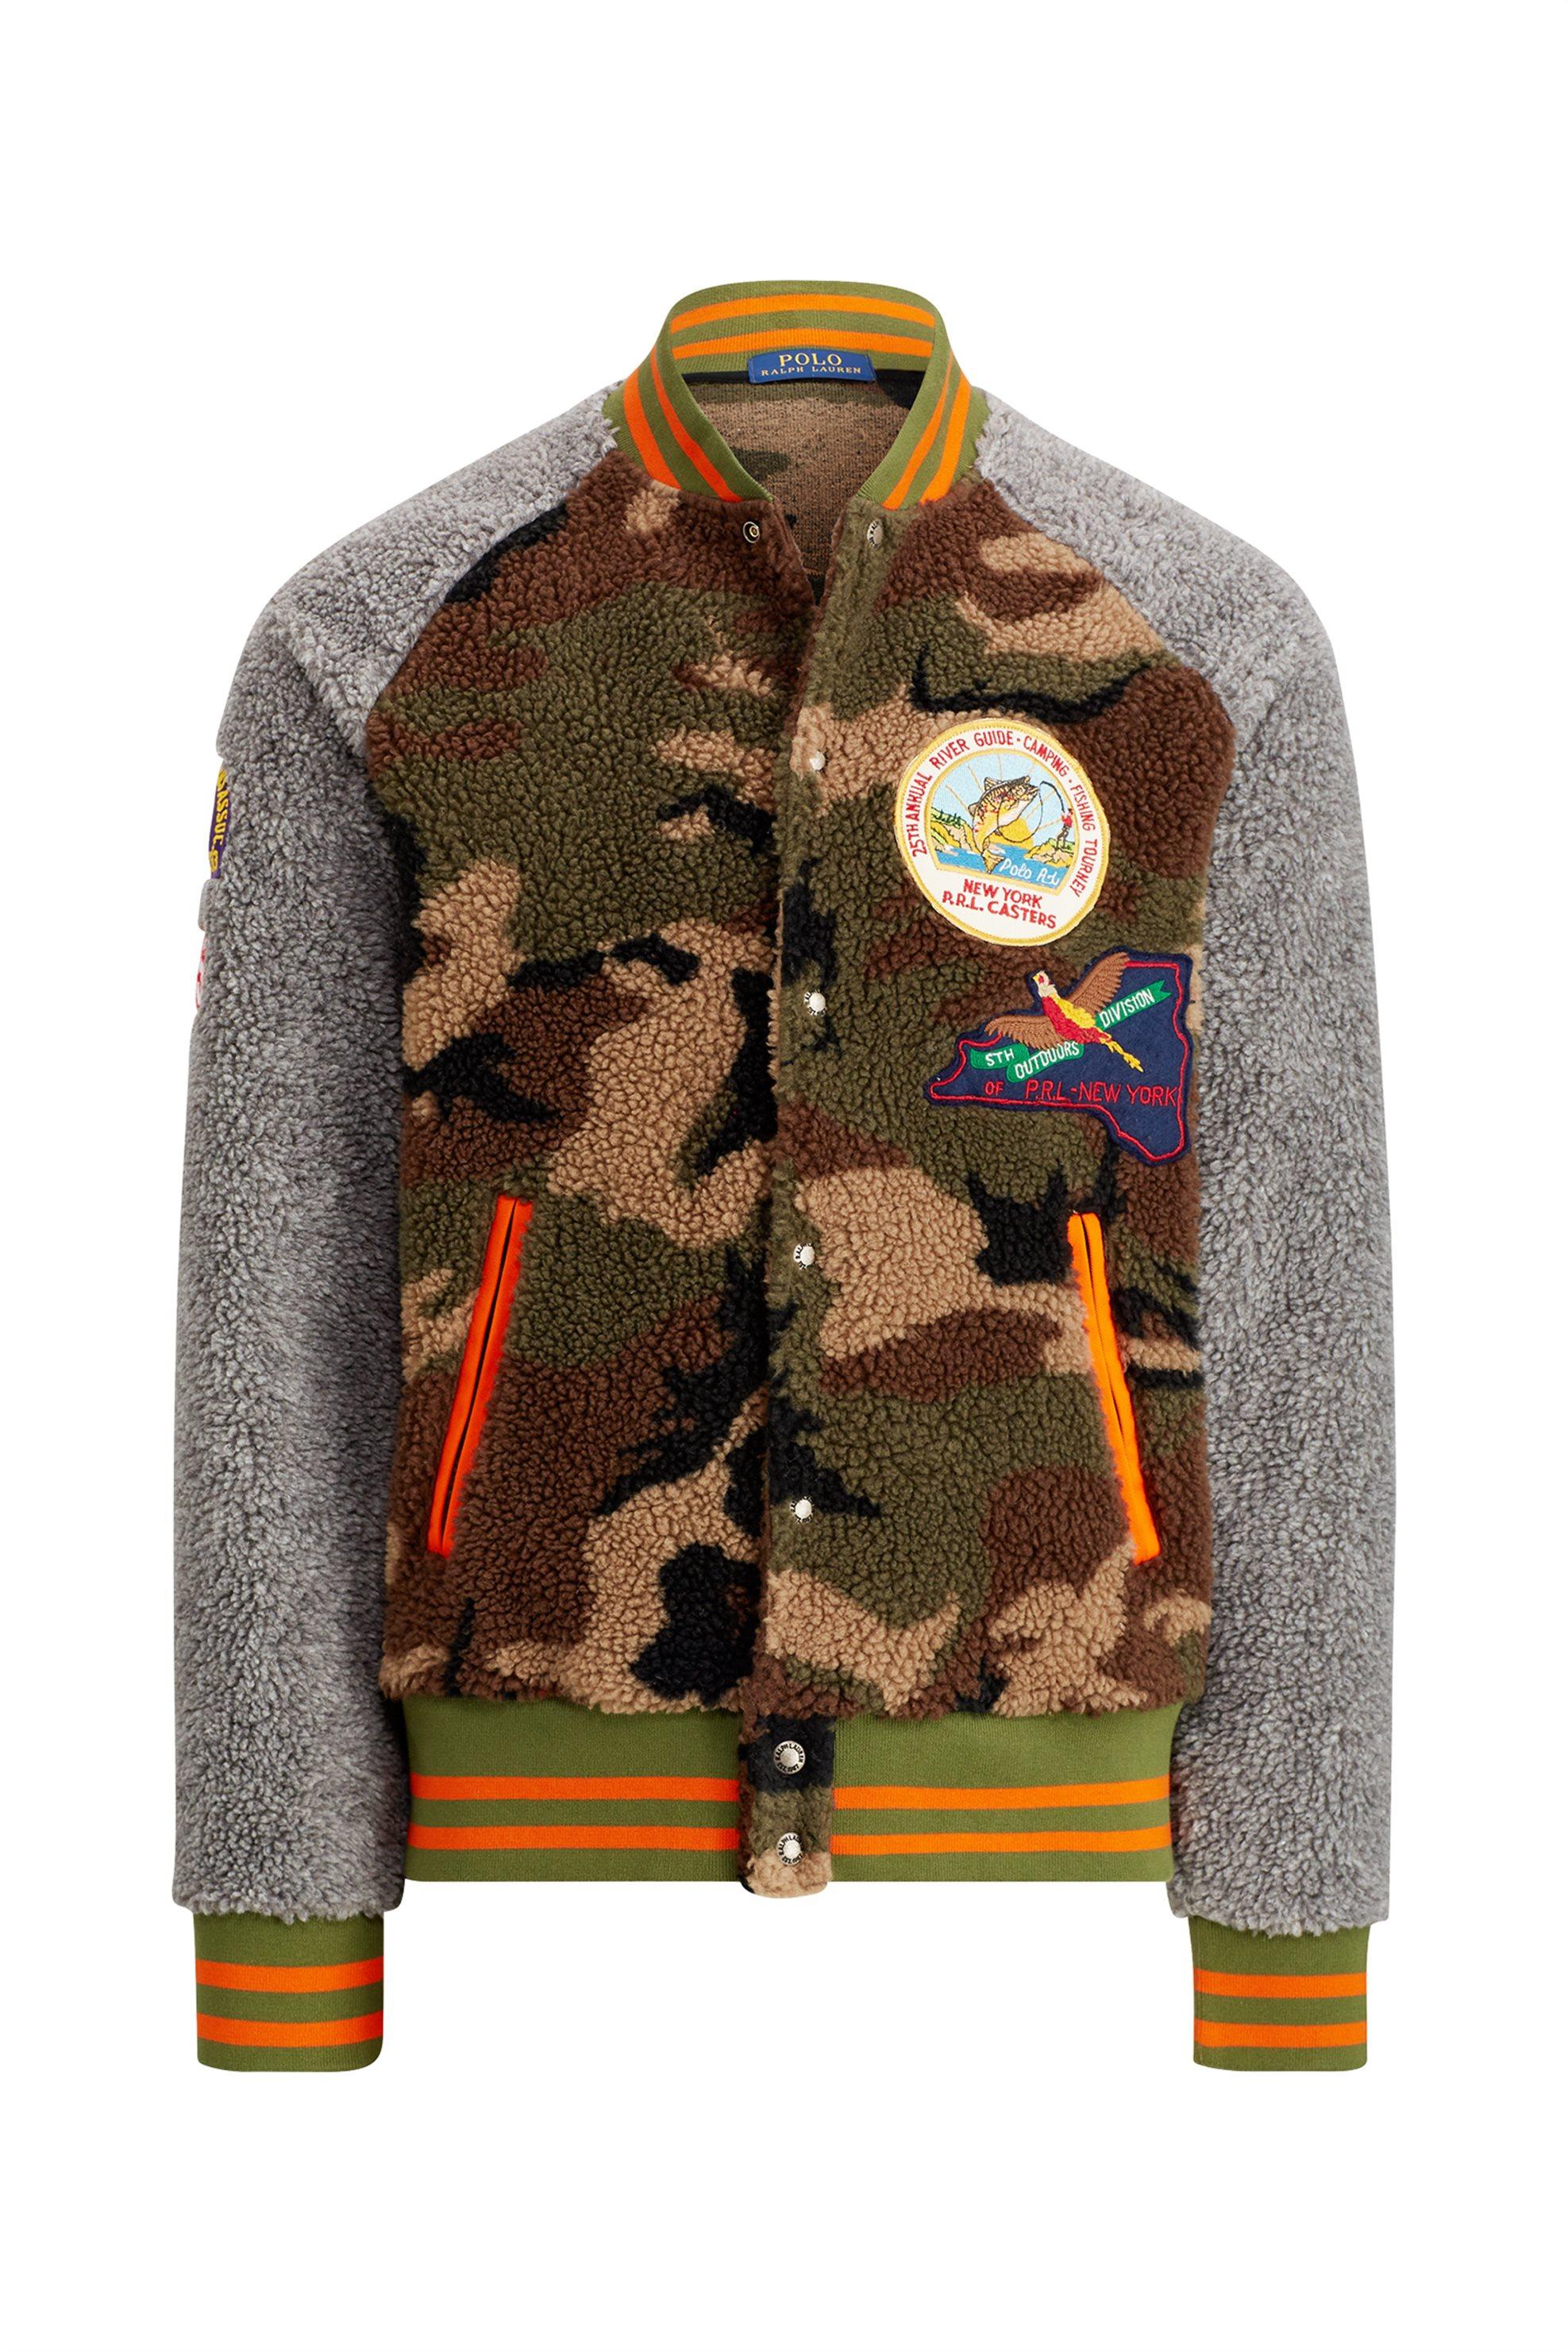 Polo Ralph Lauren ανδρικό bomber Camo Fleece Baseball Jacket - 710731678001 - Χα ανδρασ   ρουχα   παλτό   μπουφάν   bomber